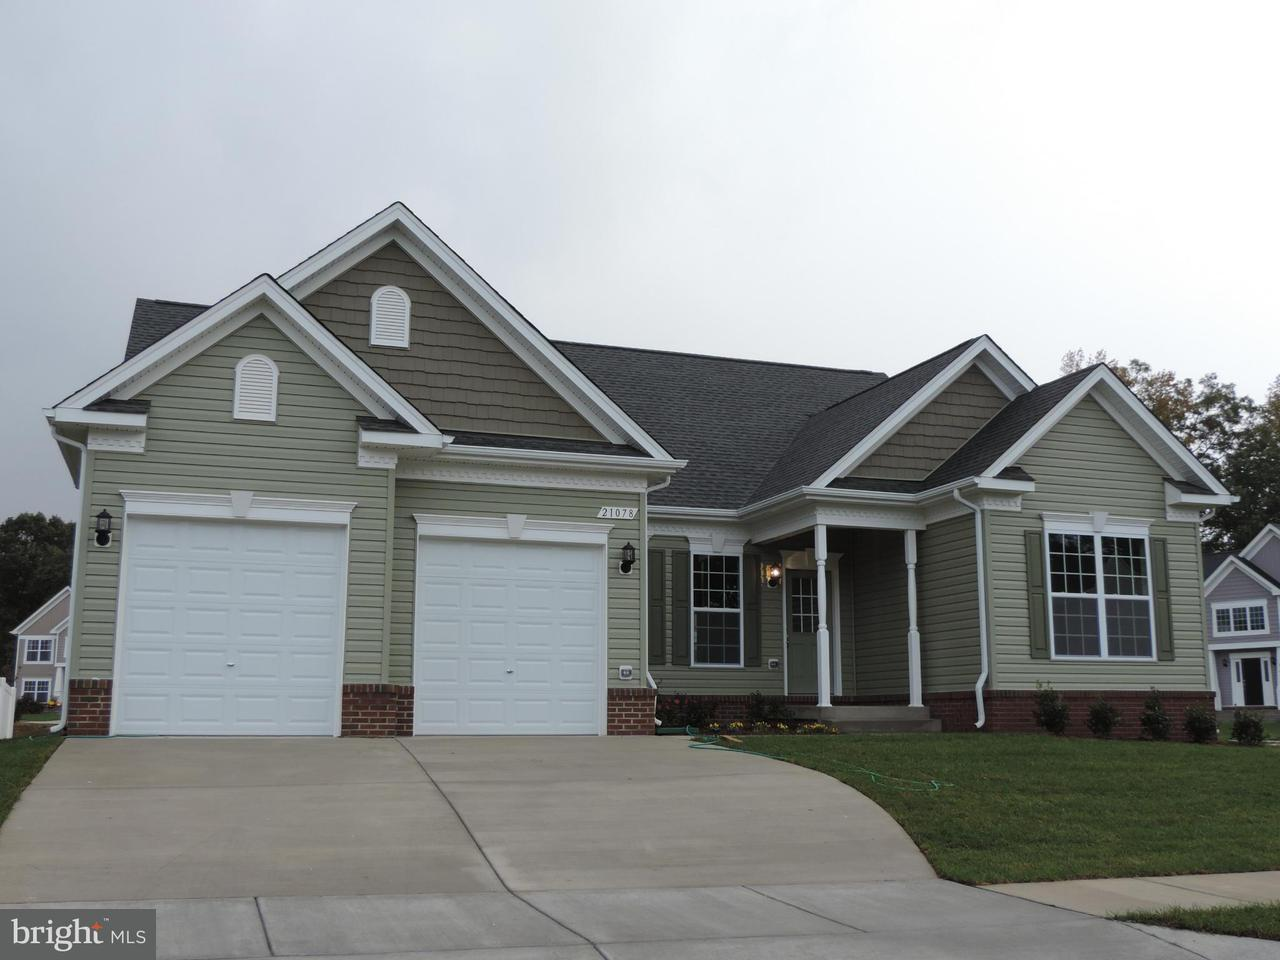 Частный односемейный дом для того Продажа на 1998 FOXWOOD LANE 1998 FOXWOOD LANE Lusby, Мэриленд 20657 Соединенные Штаты